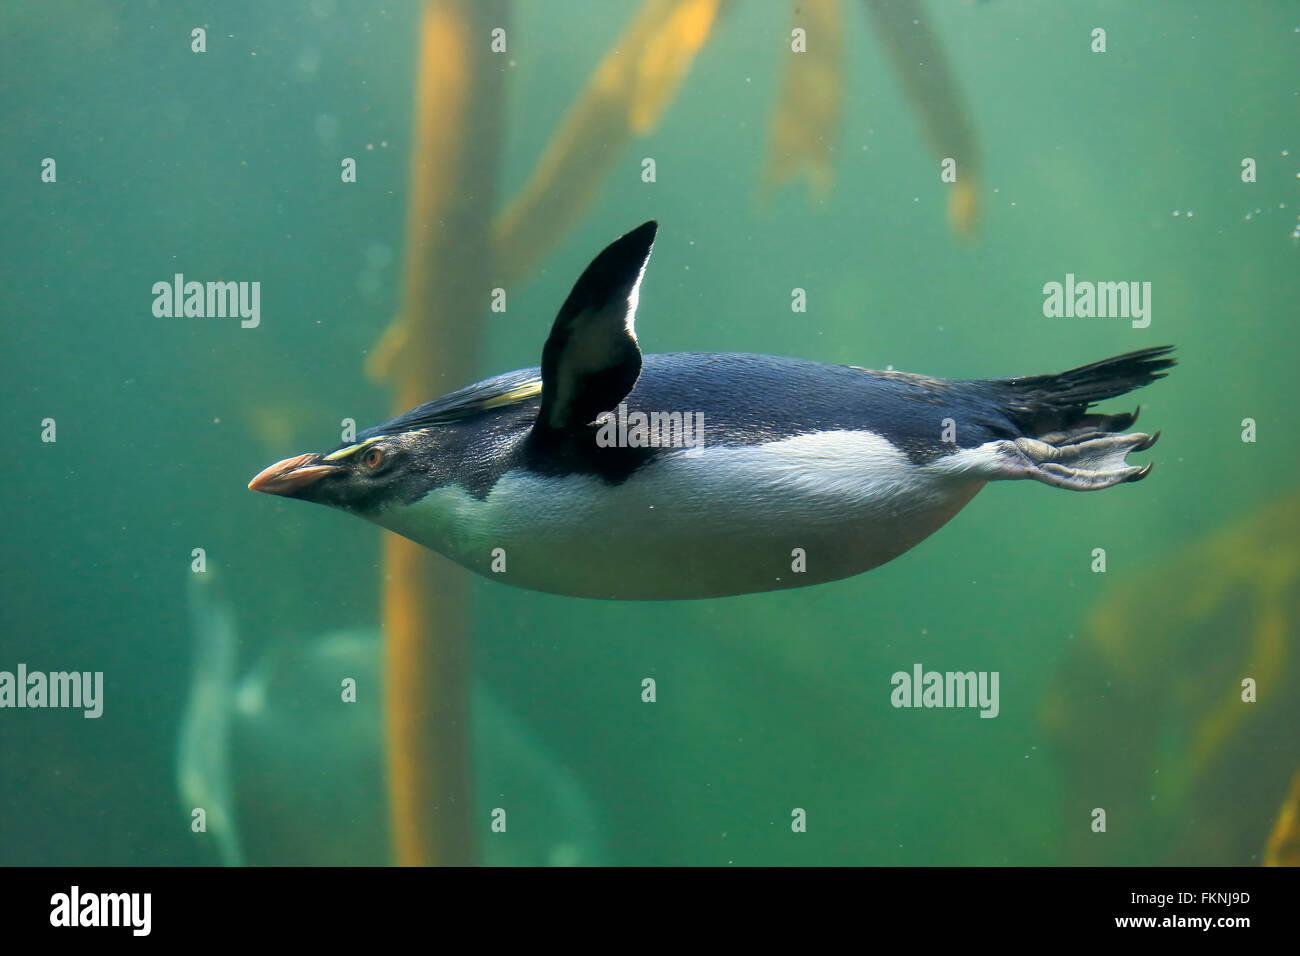 Rockhopper Penguin, Afrique du Sud, Afrique / (Eudyptes chrysocome) Photo Stock